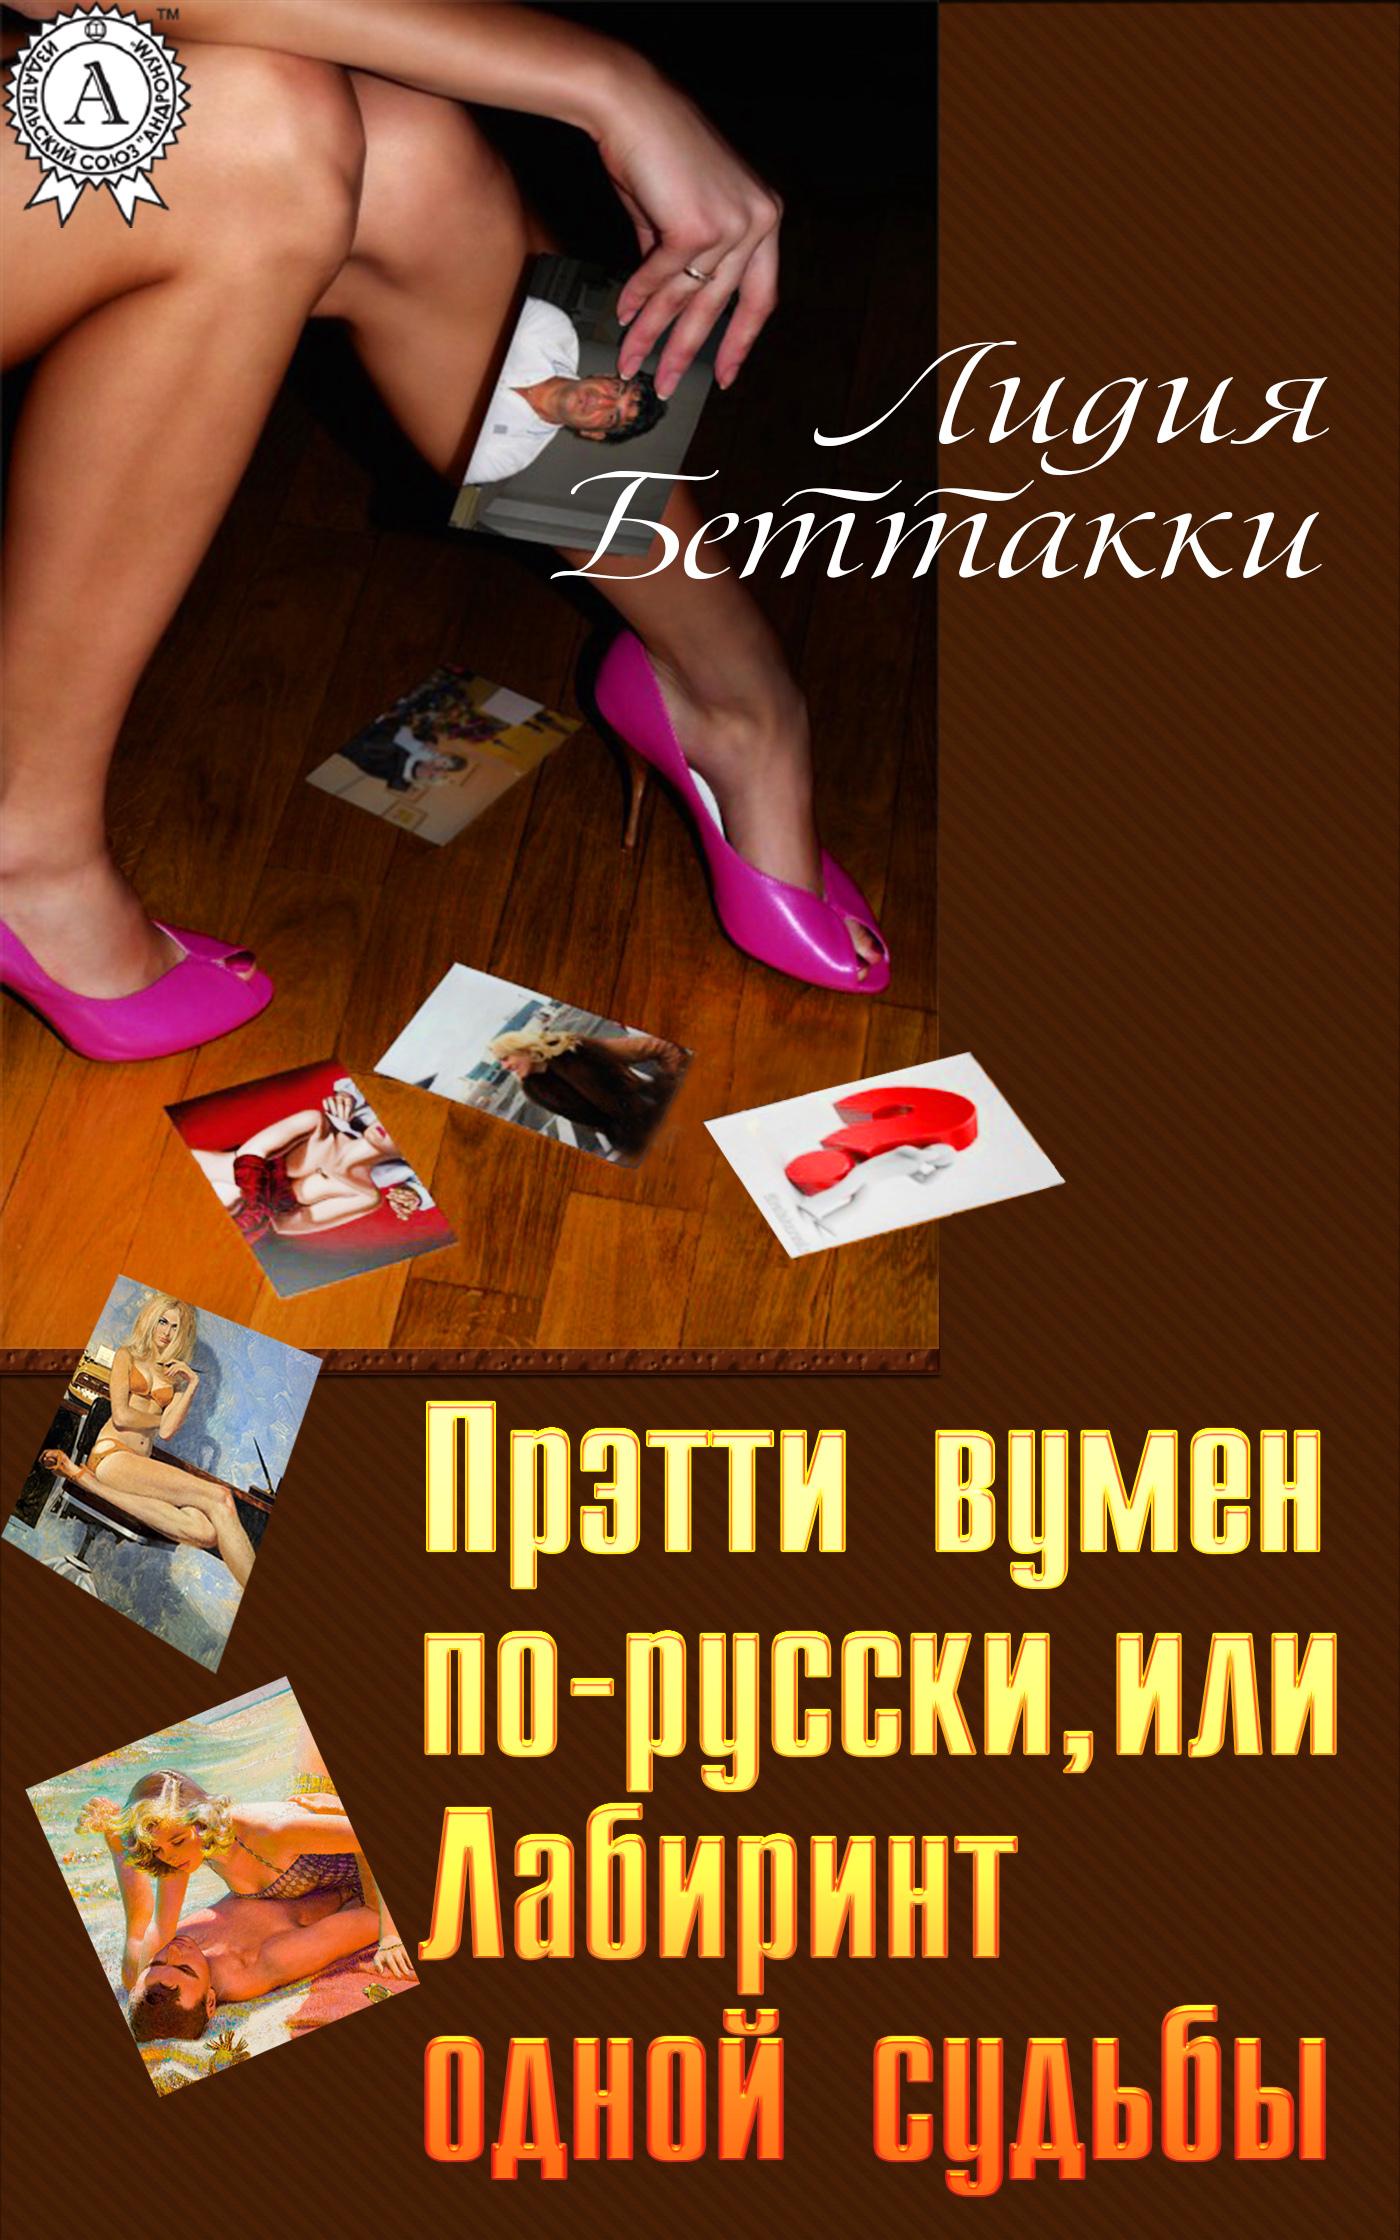 Лидия Беттакки «Прэтти вумен по-русски, или Лабиринт одной судьбы»